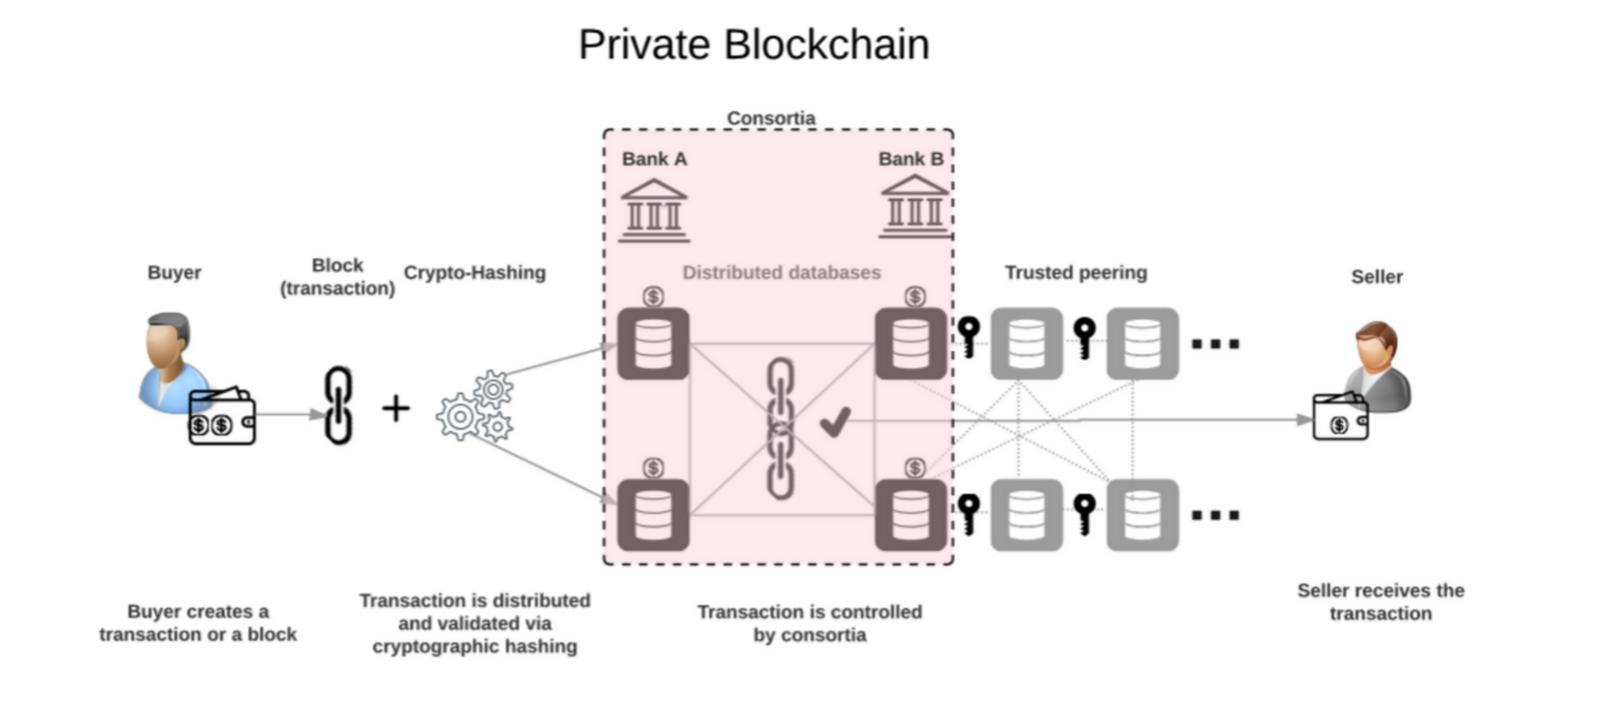 privateblockchain